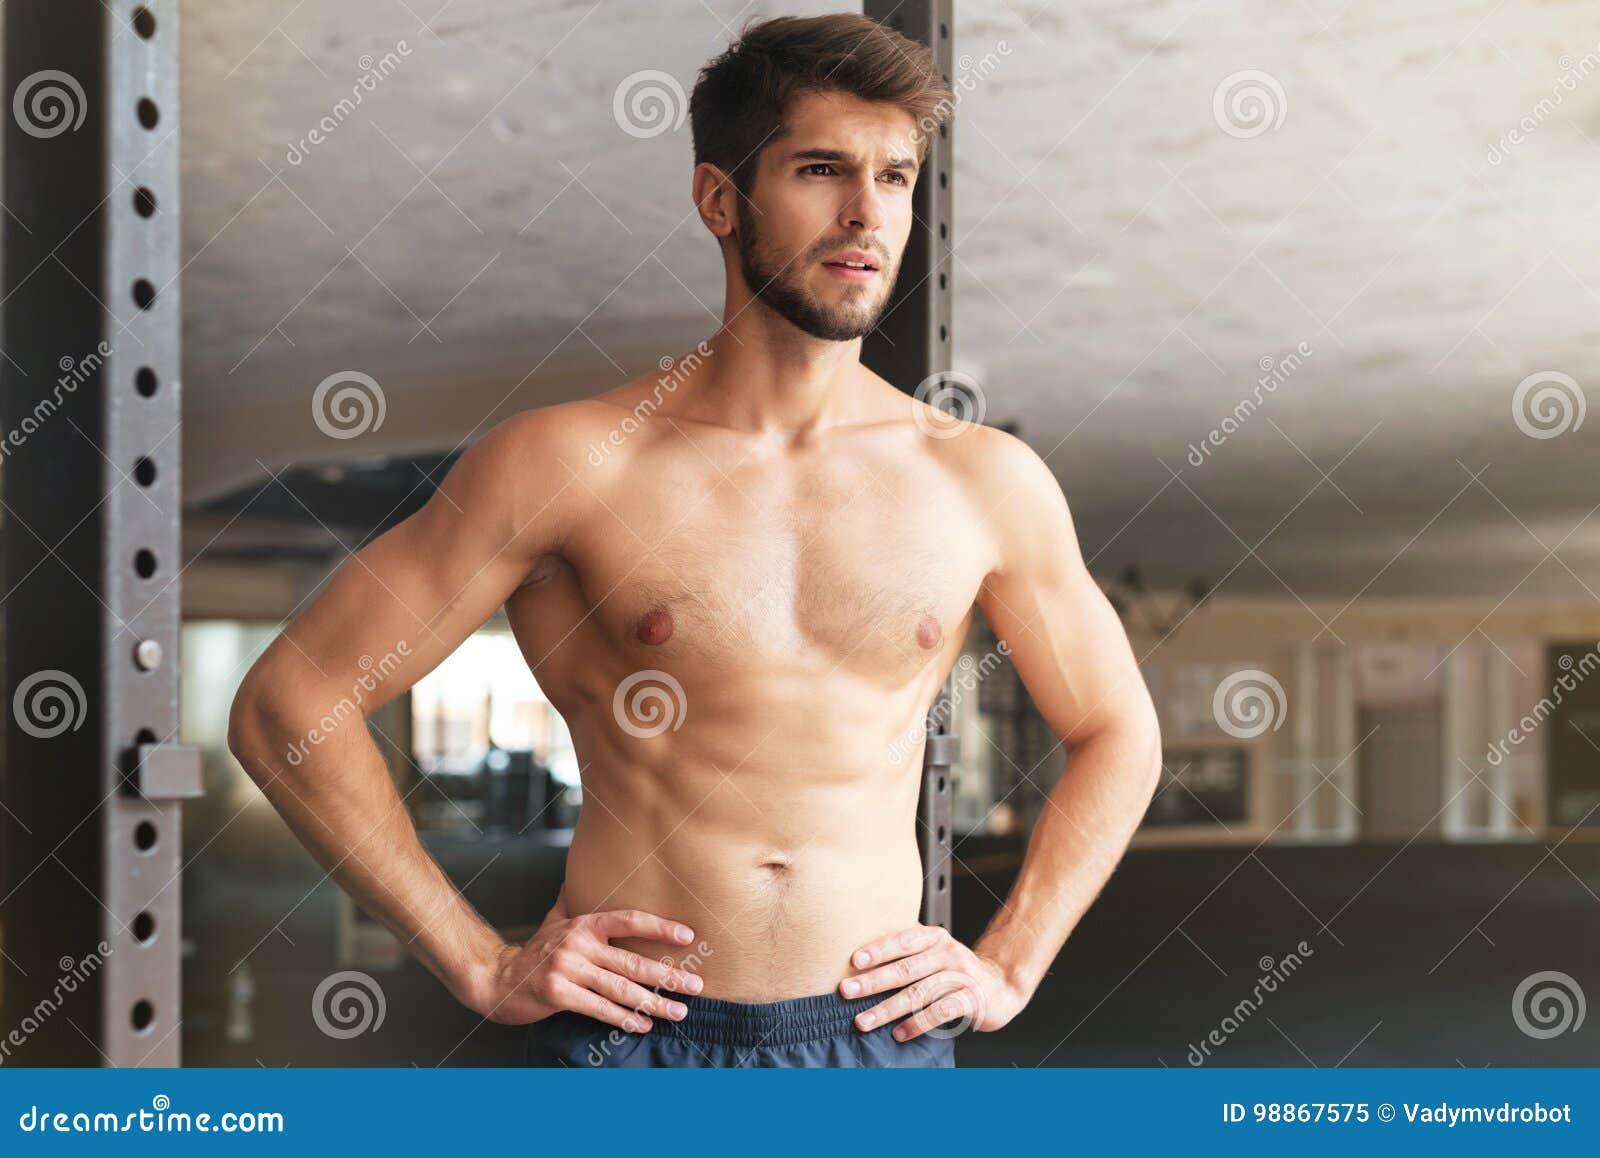 γυμνό αρσενικό μοντέλο βίντεο το πρώτο μου πίπα πορνό